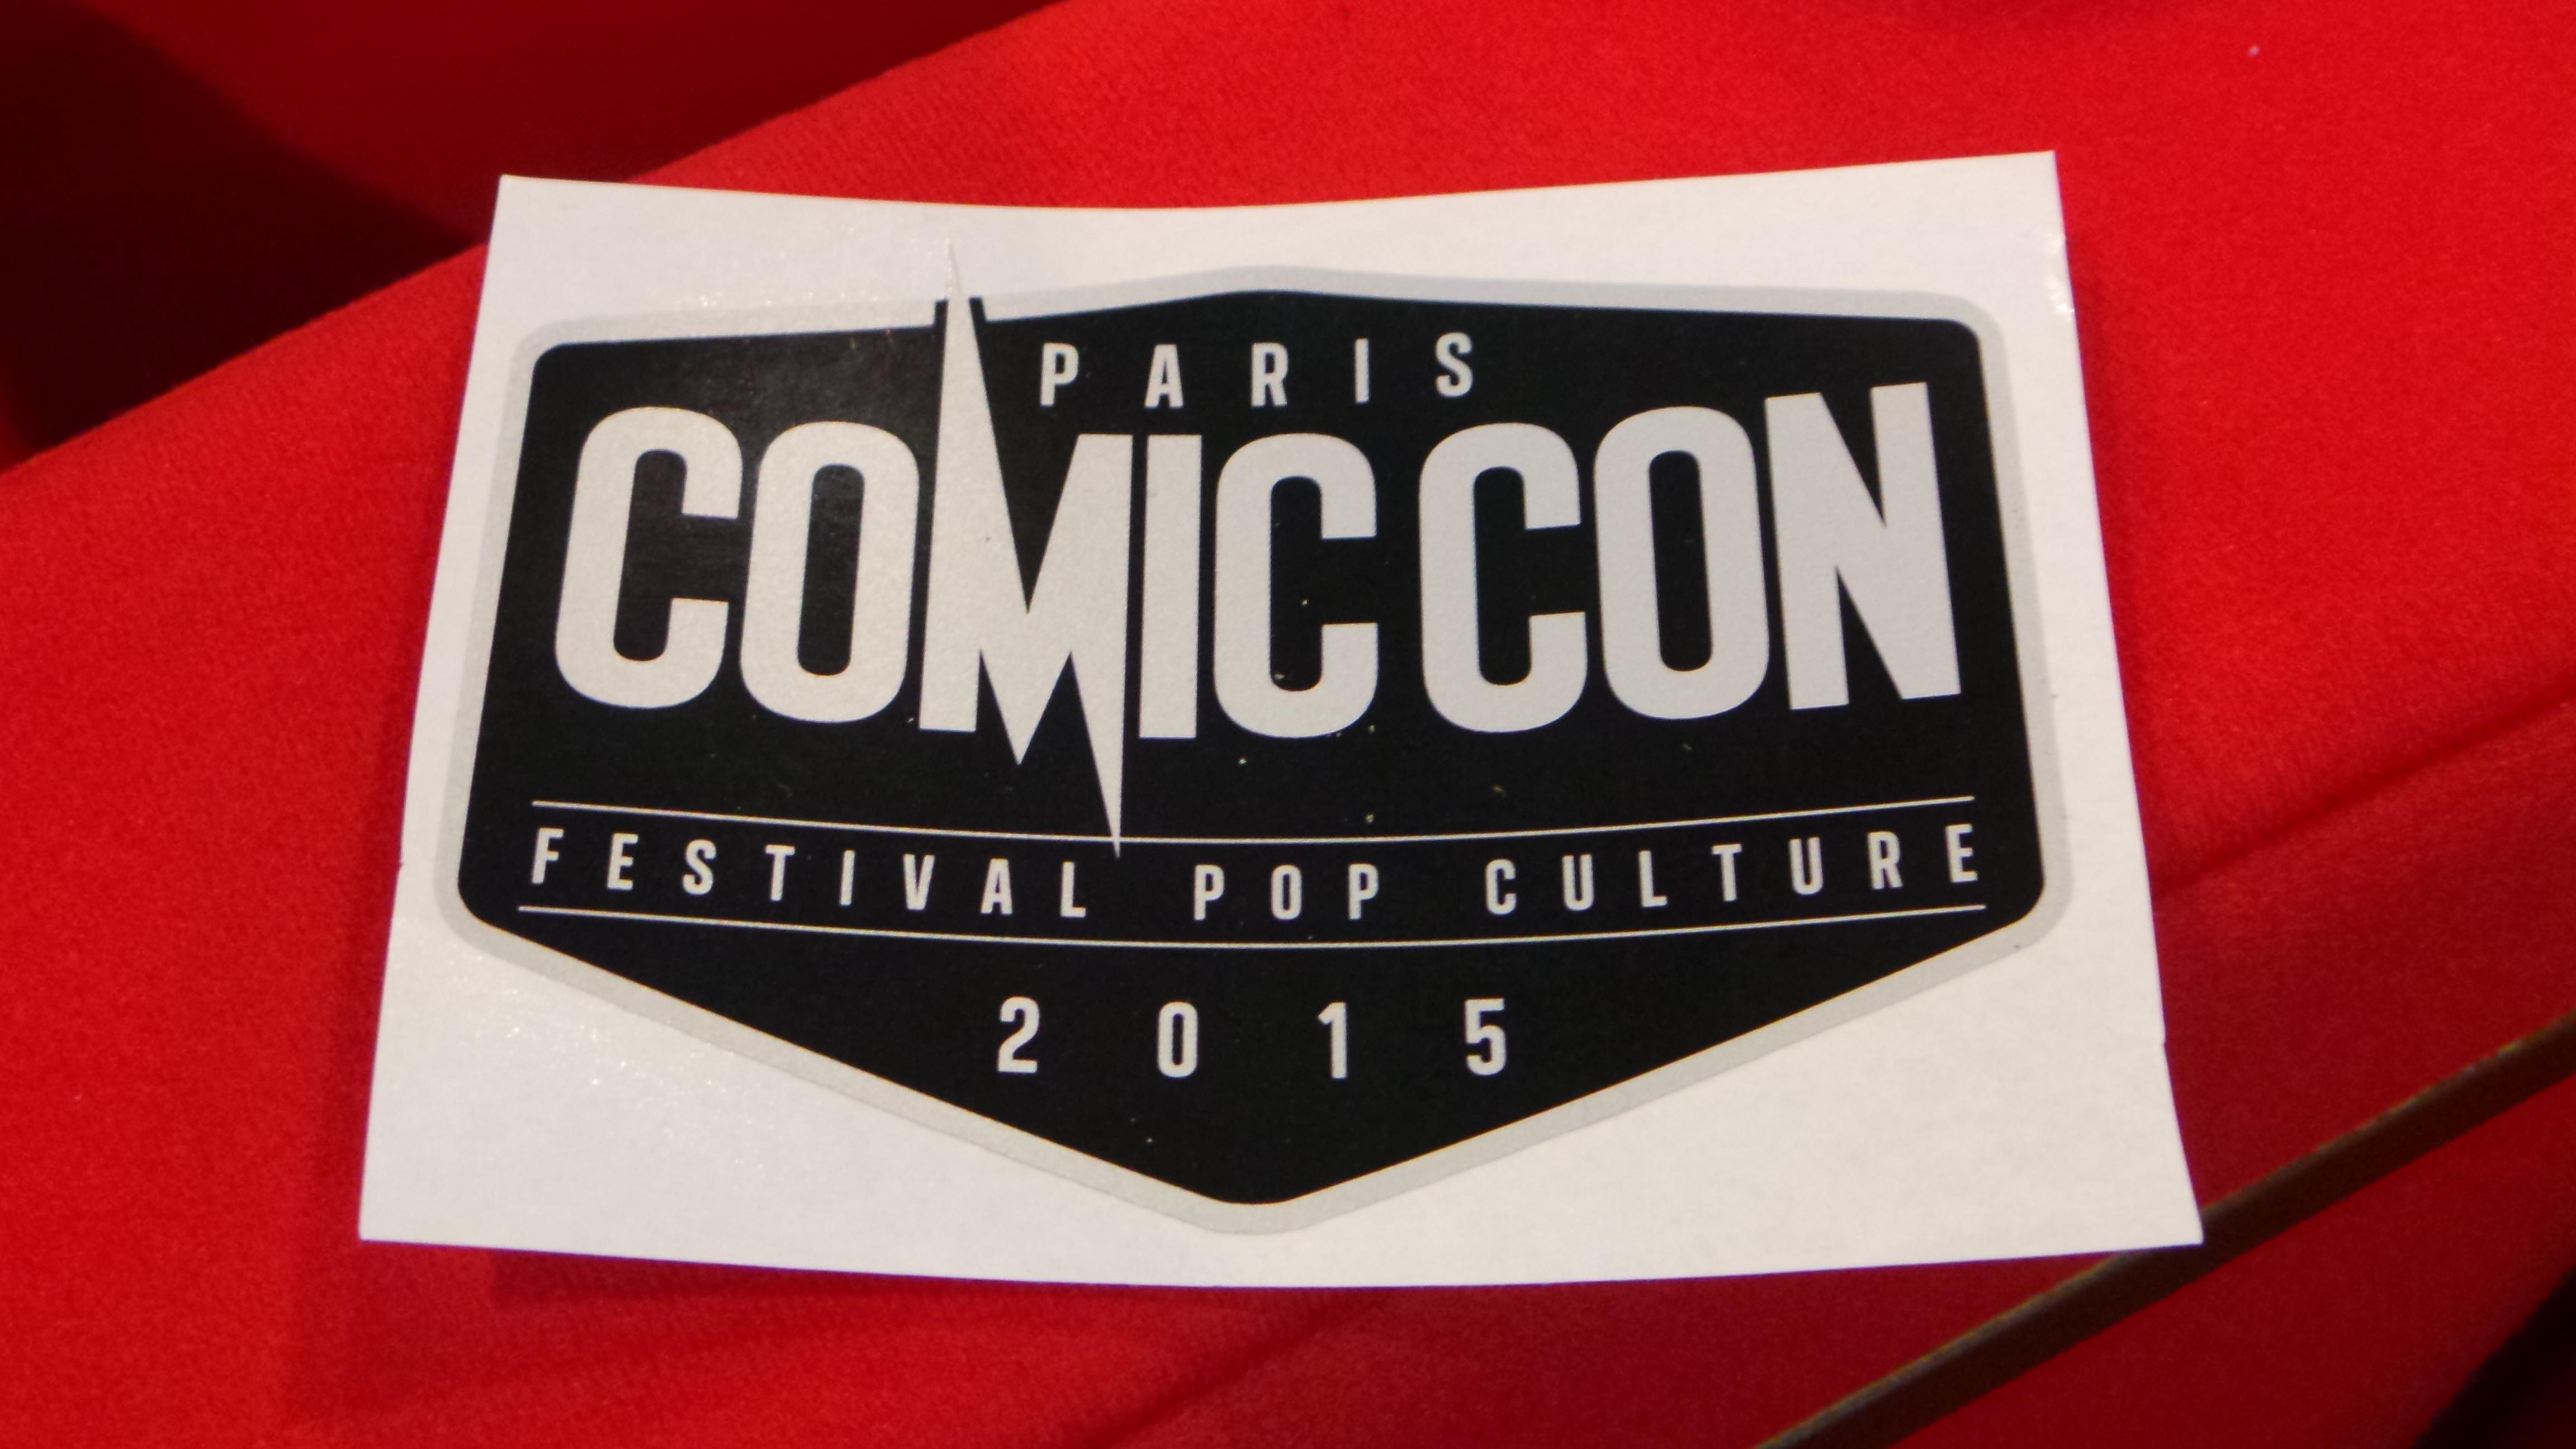 Le comic con paris l 39 v nement geek incontournable en 2015 - Programme cinema beaugrenelle ...